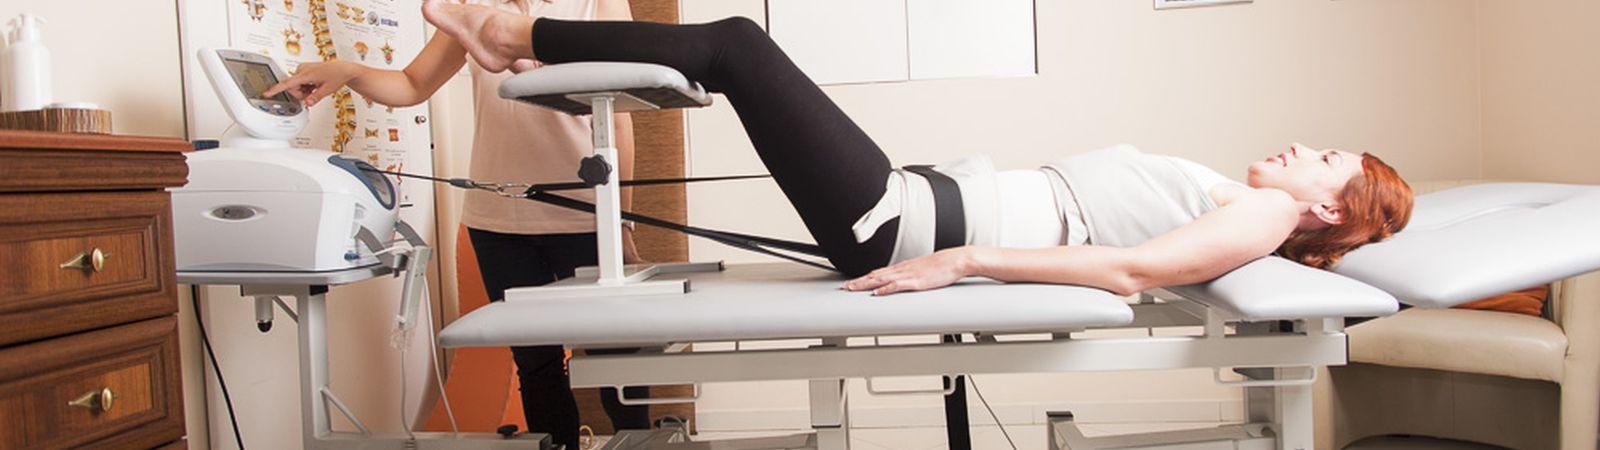 Trakcja/mechaniczny wyciąg kręgosłupa